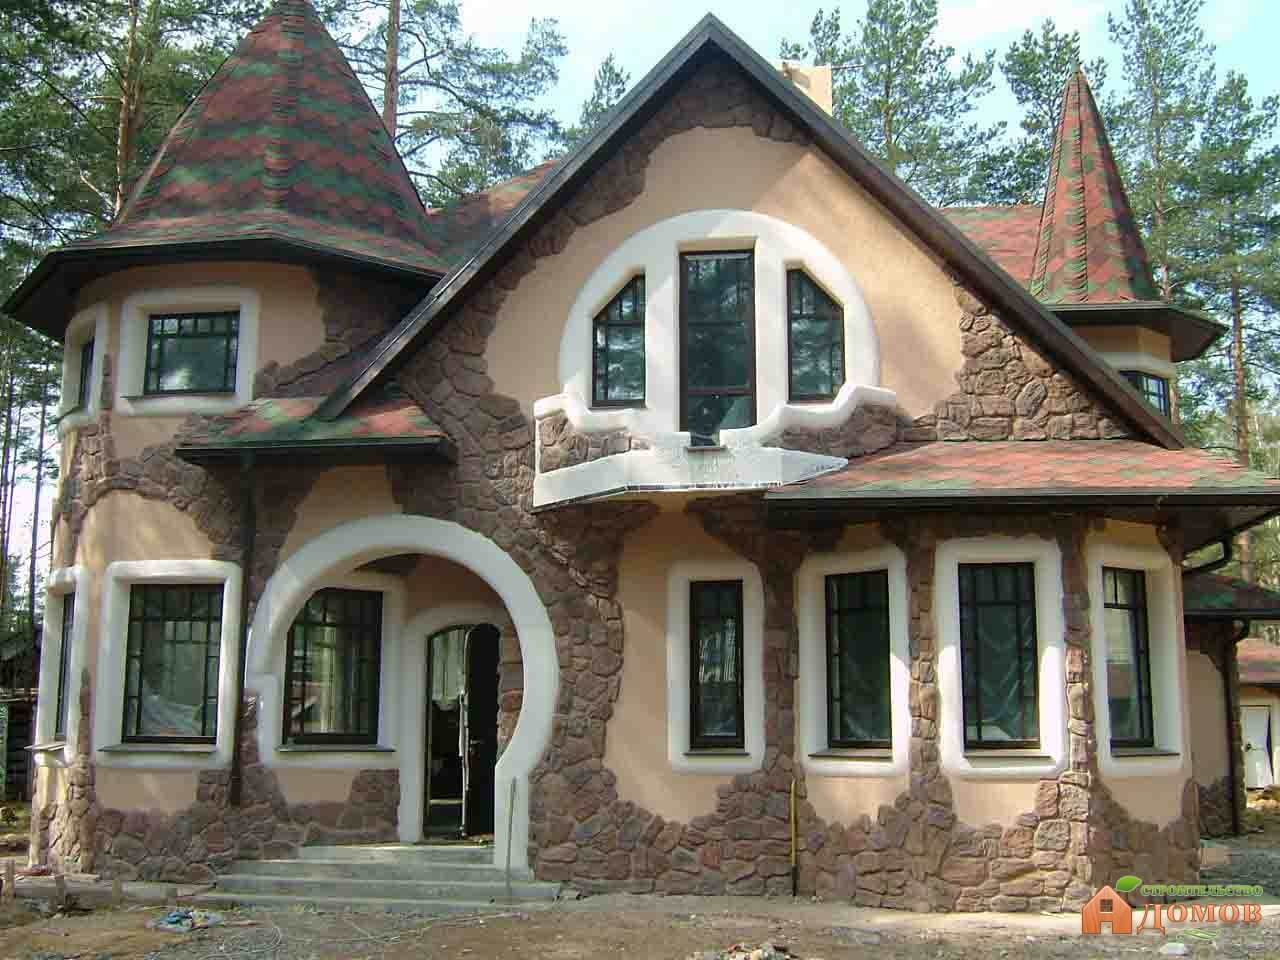 Декоративная облицовка фасада: её разновидности и материалы